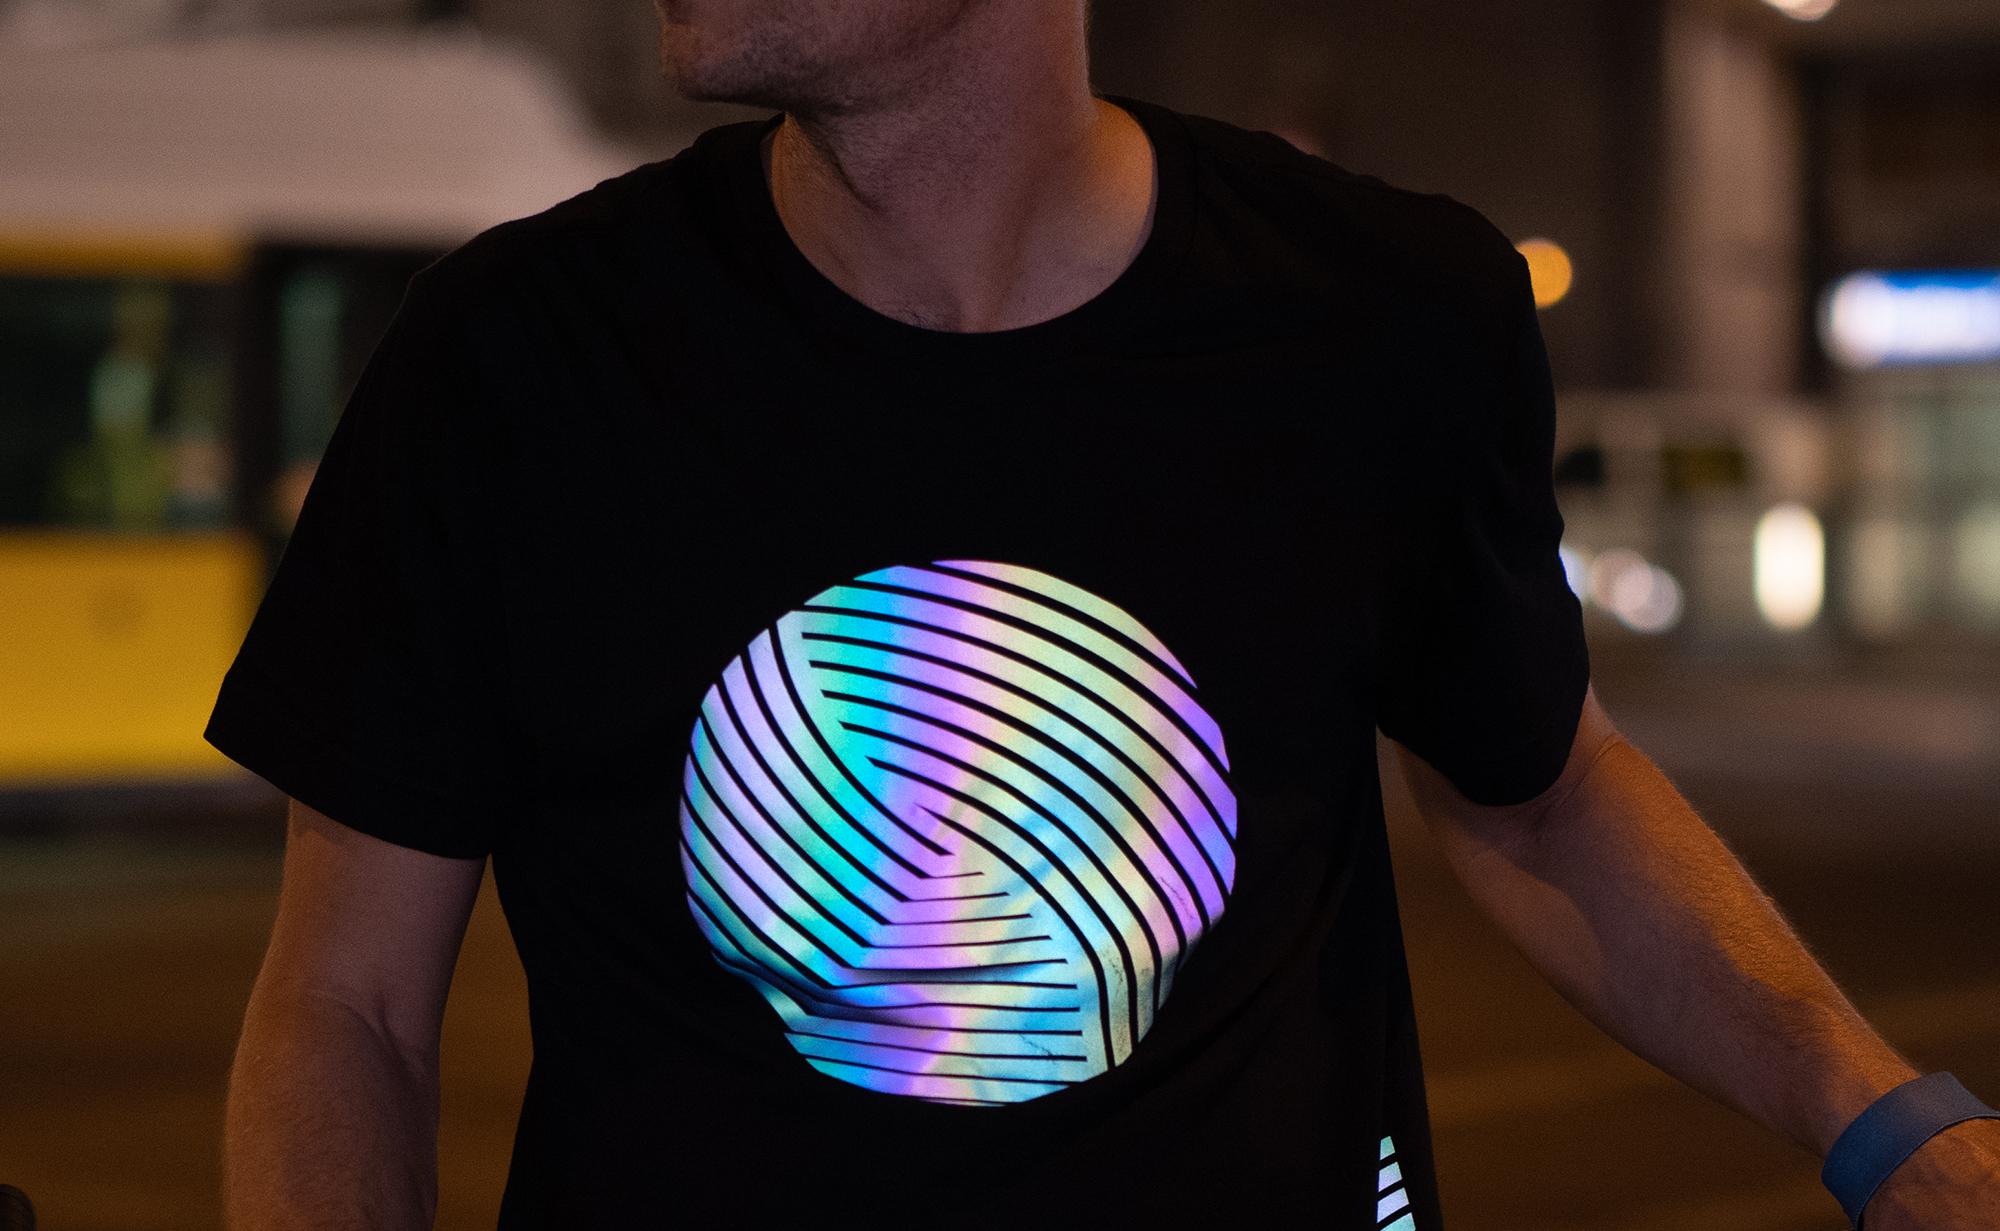 Schmucke reflektierende Textilien für euren Alltag image